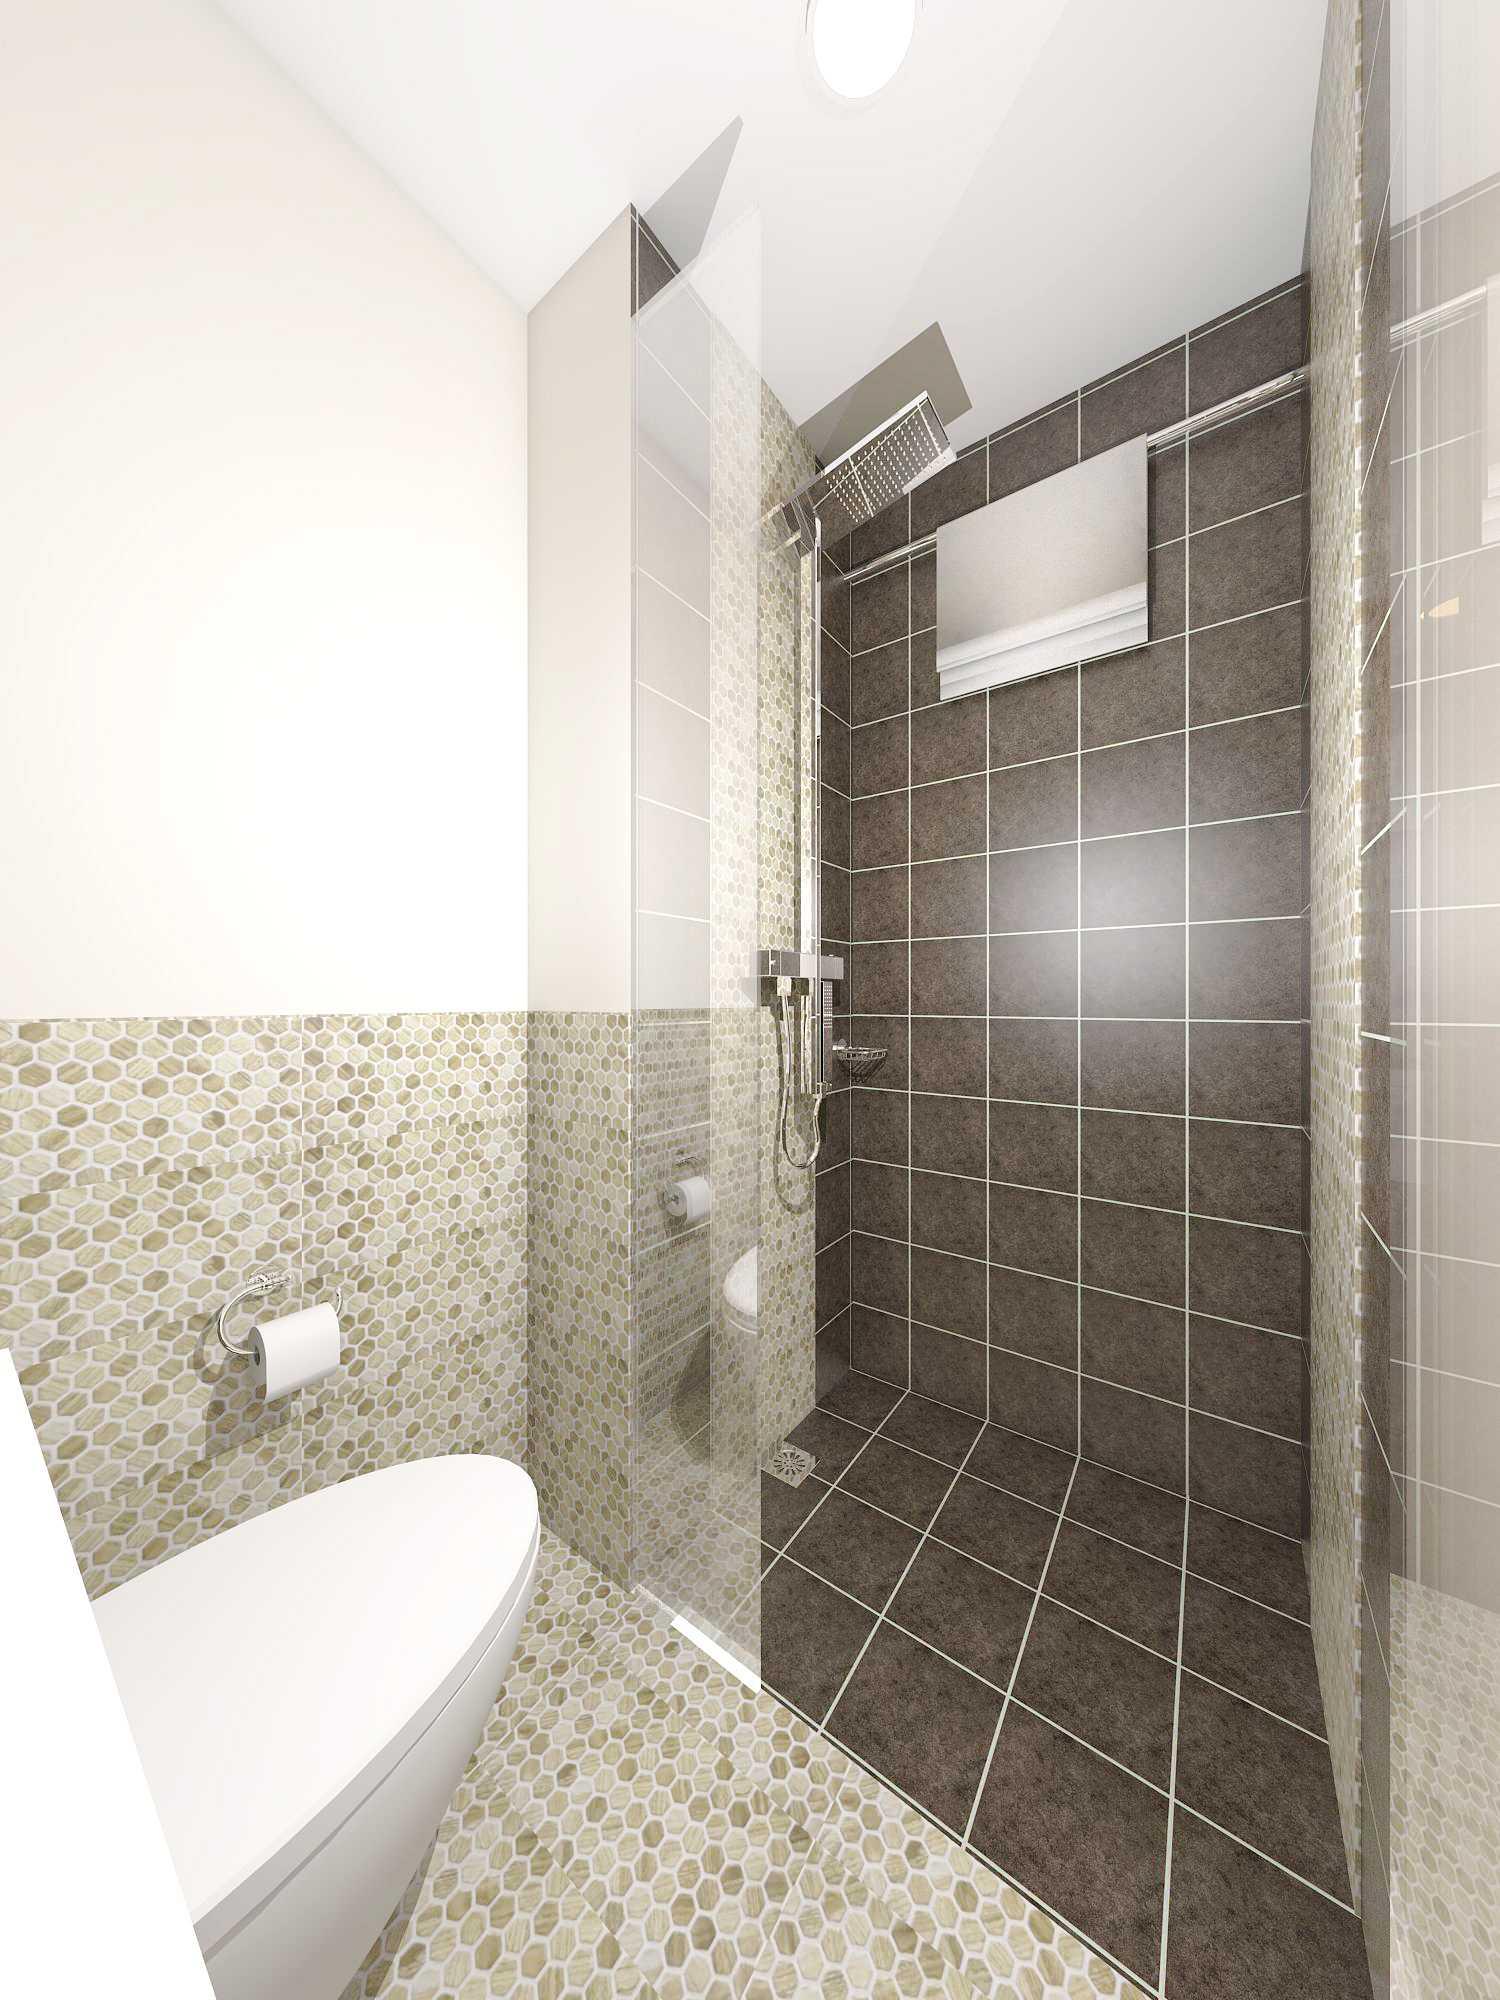 Melly Purnamahildha Tarman Verse Lite Hotel Jakarta, Indonesia Jakarta, Indonesia Bathroom   23346